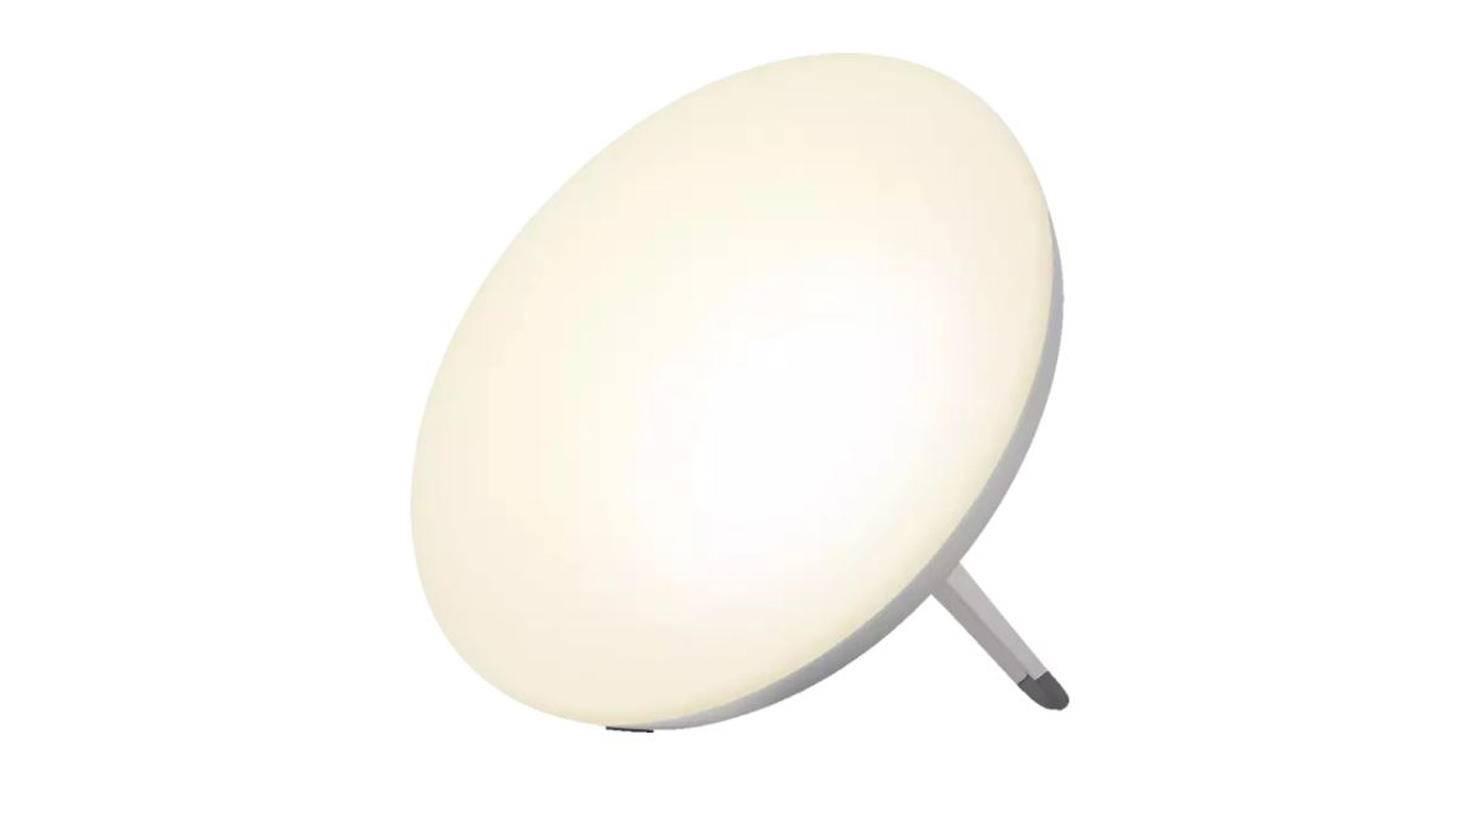 lampe lumière du jour medisana LT 500